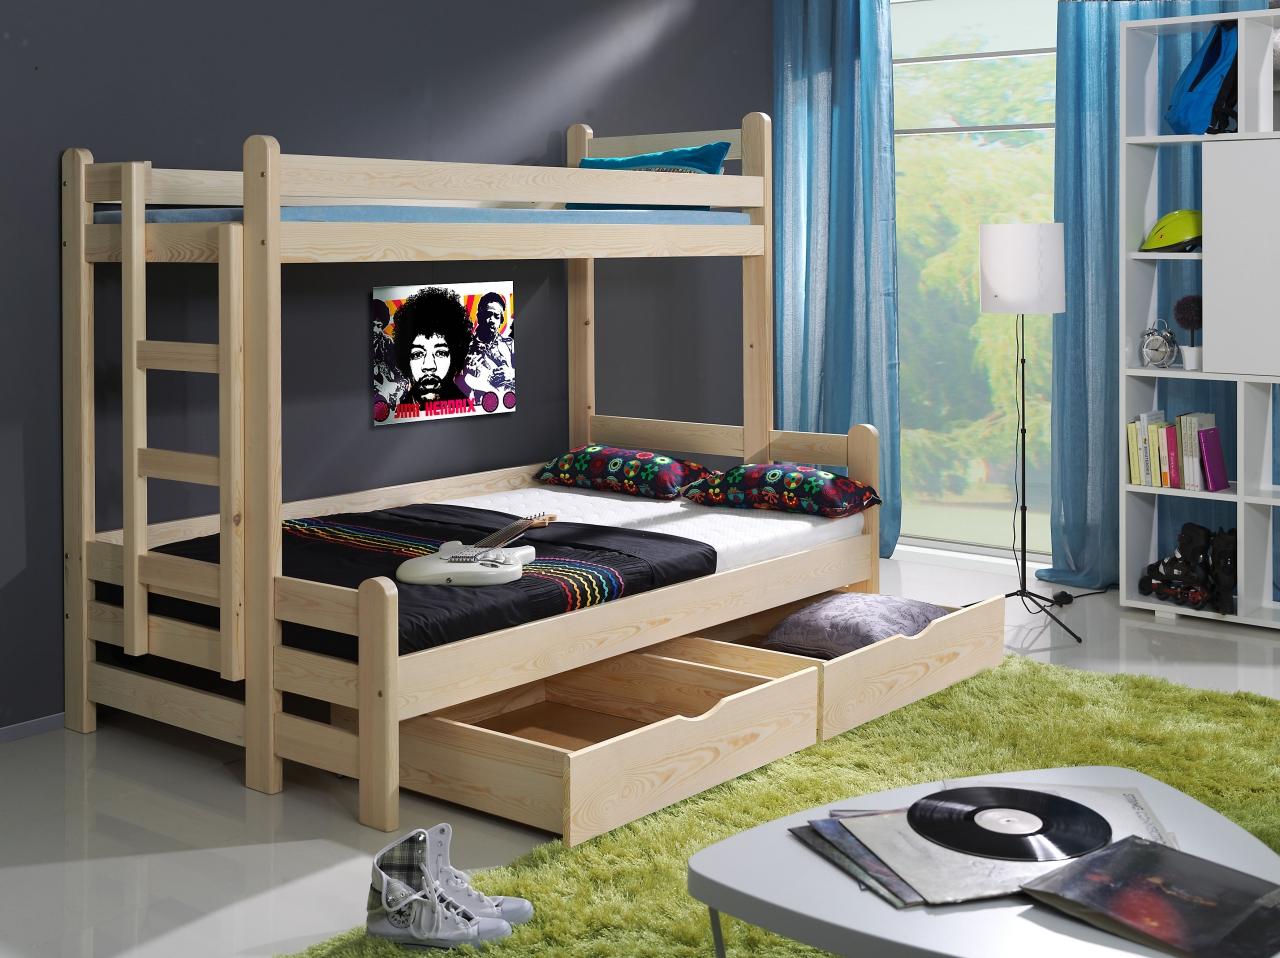 MebloBed Patrová postel Benjamin 80x200 cm s rozšířeným spodním lůžkem 120x200 cm Buk, Fialová, matrace pro vrchní + spodní lůžko (2ks matrace) 435637c658b16b5f43b6e6550fe88eed